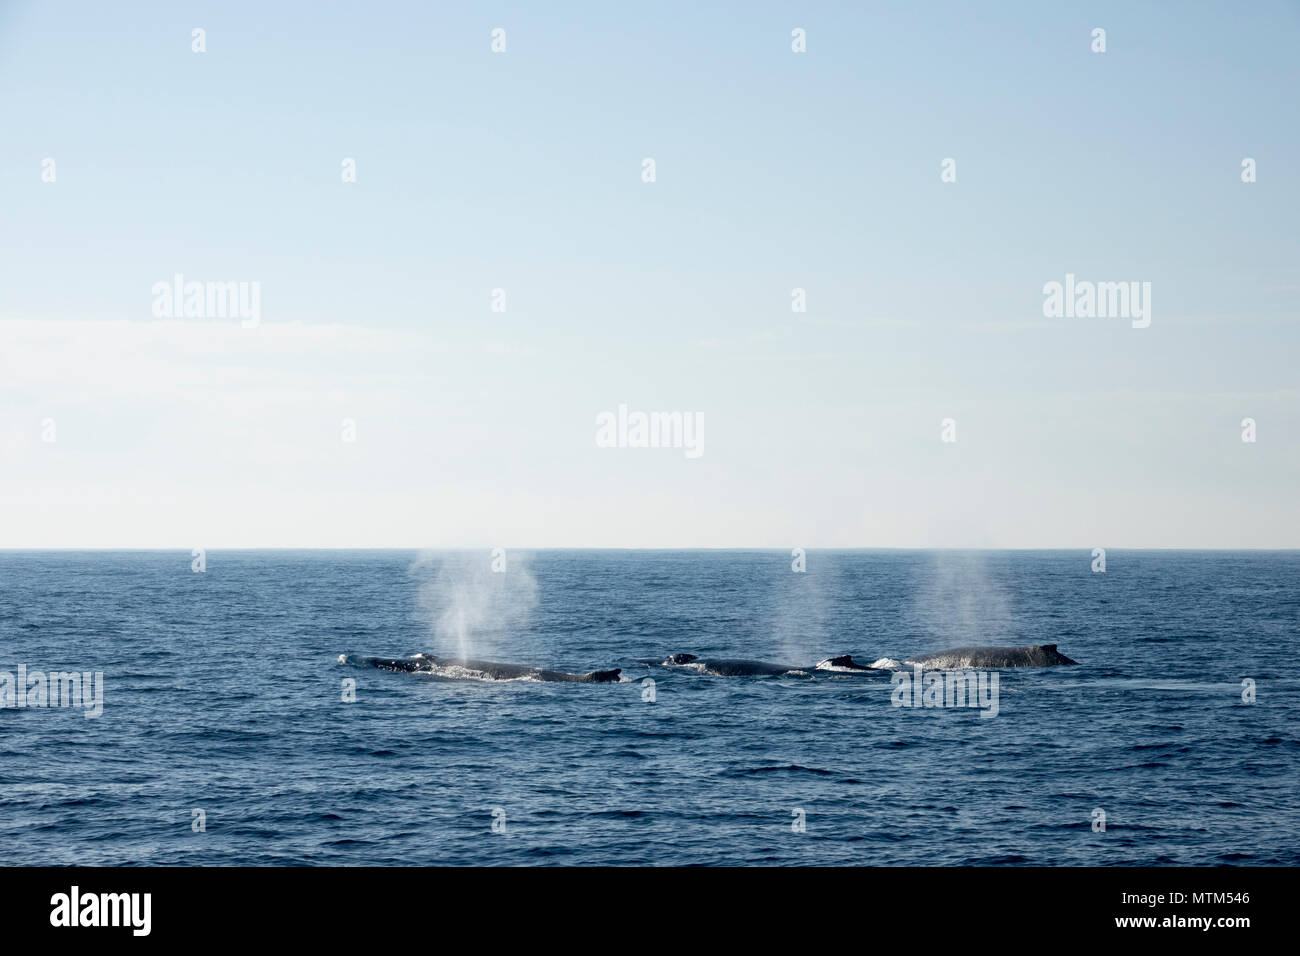 Wettbewerbsfähige pod der Buckelwale in die Tasmanische See in der Nähe von Sydney, New South Wales Stockbild